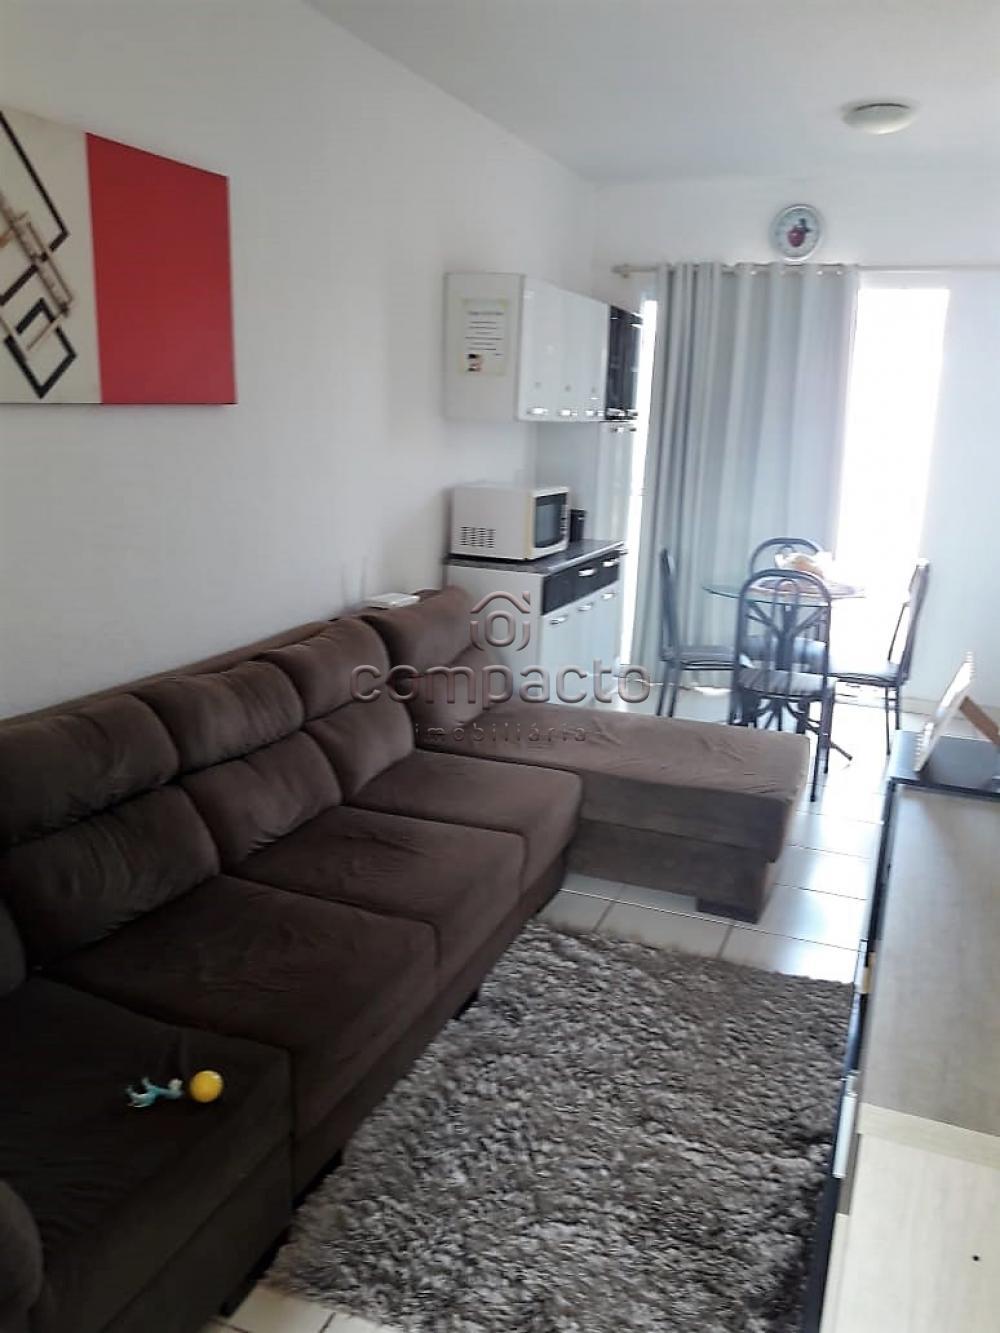 Alugar Casa / Condomínio em São José do Rio Preto apenas R$ 680,00 - Foto 1